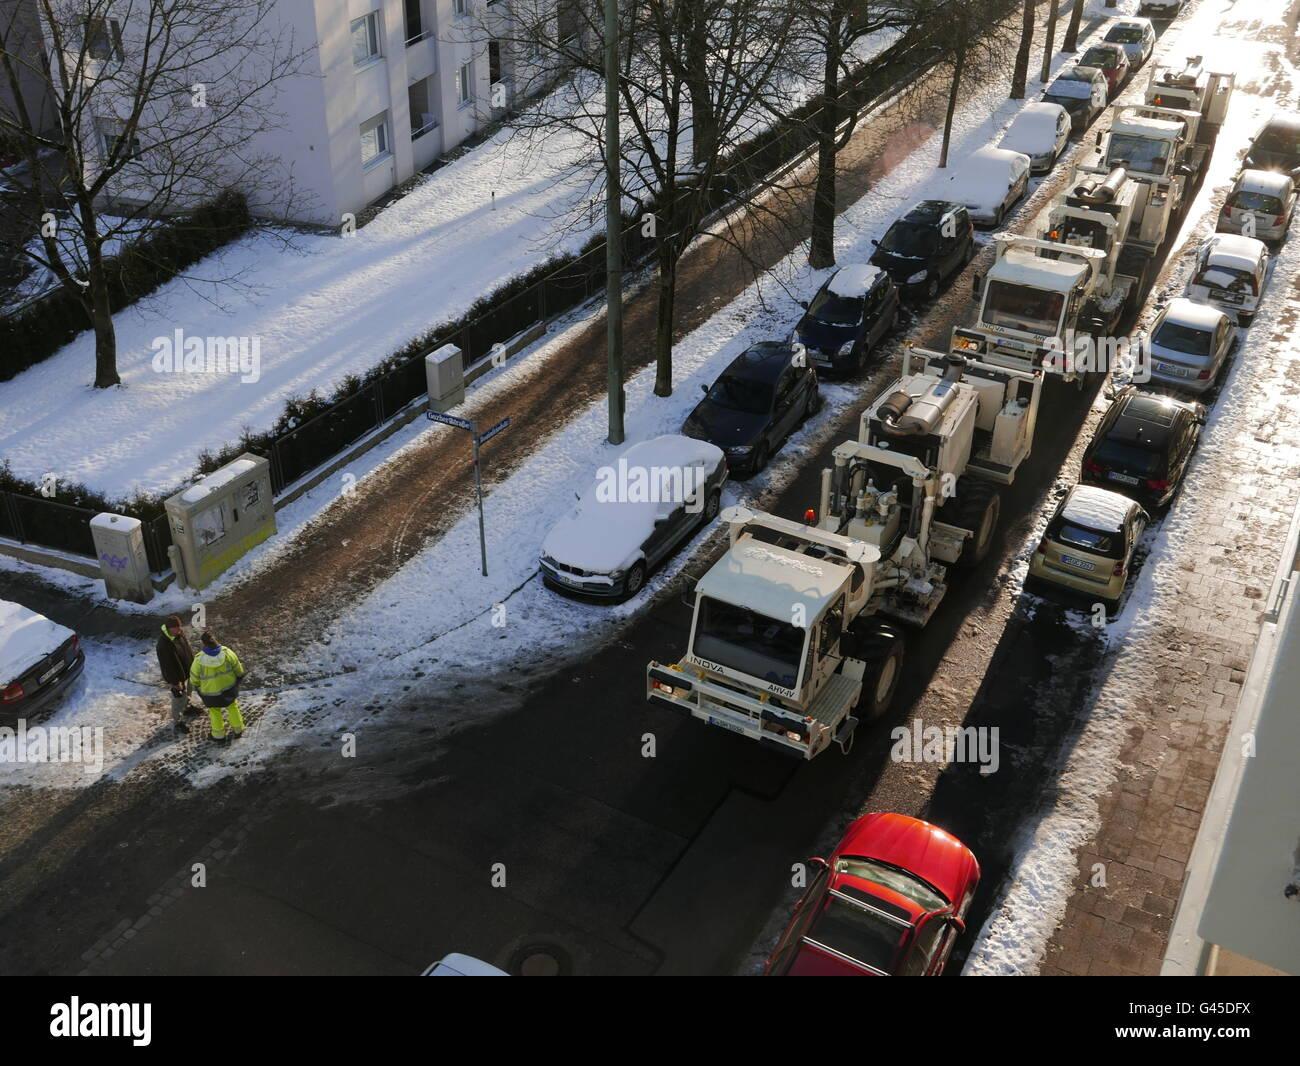 Europa Germania Monaco di Baviera Geo Thermie Vibro Seismics sismica misurazioni Immagini Stock